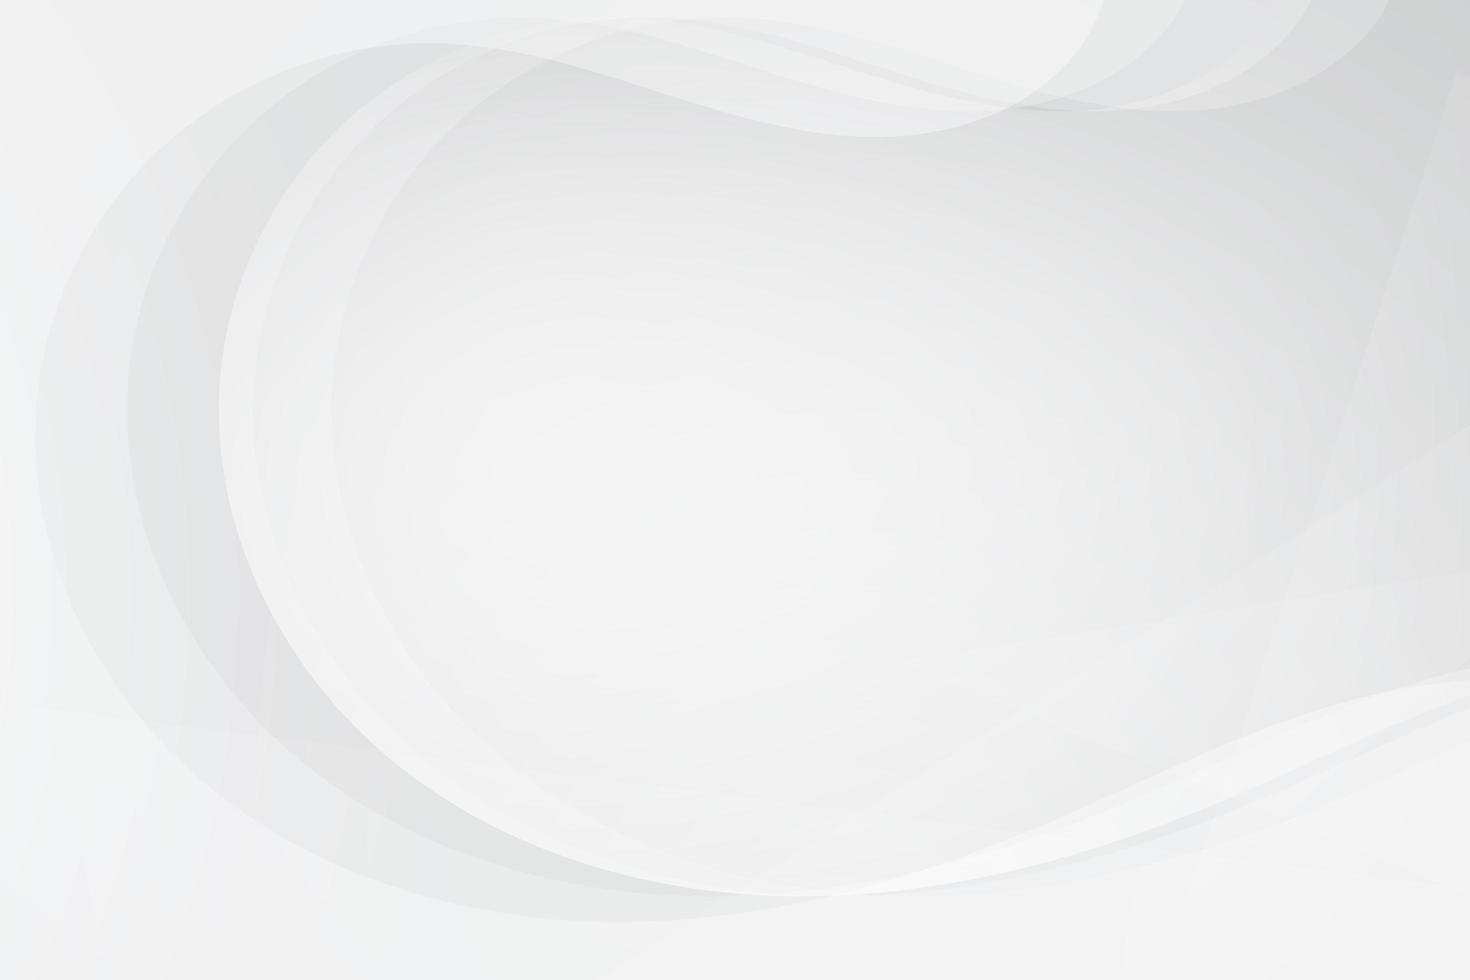 astratto sfondo bianco e grigio curve vettore